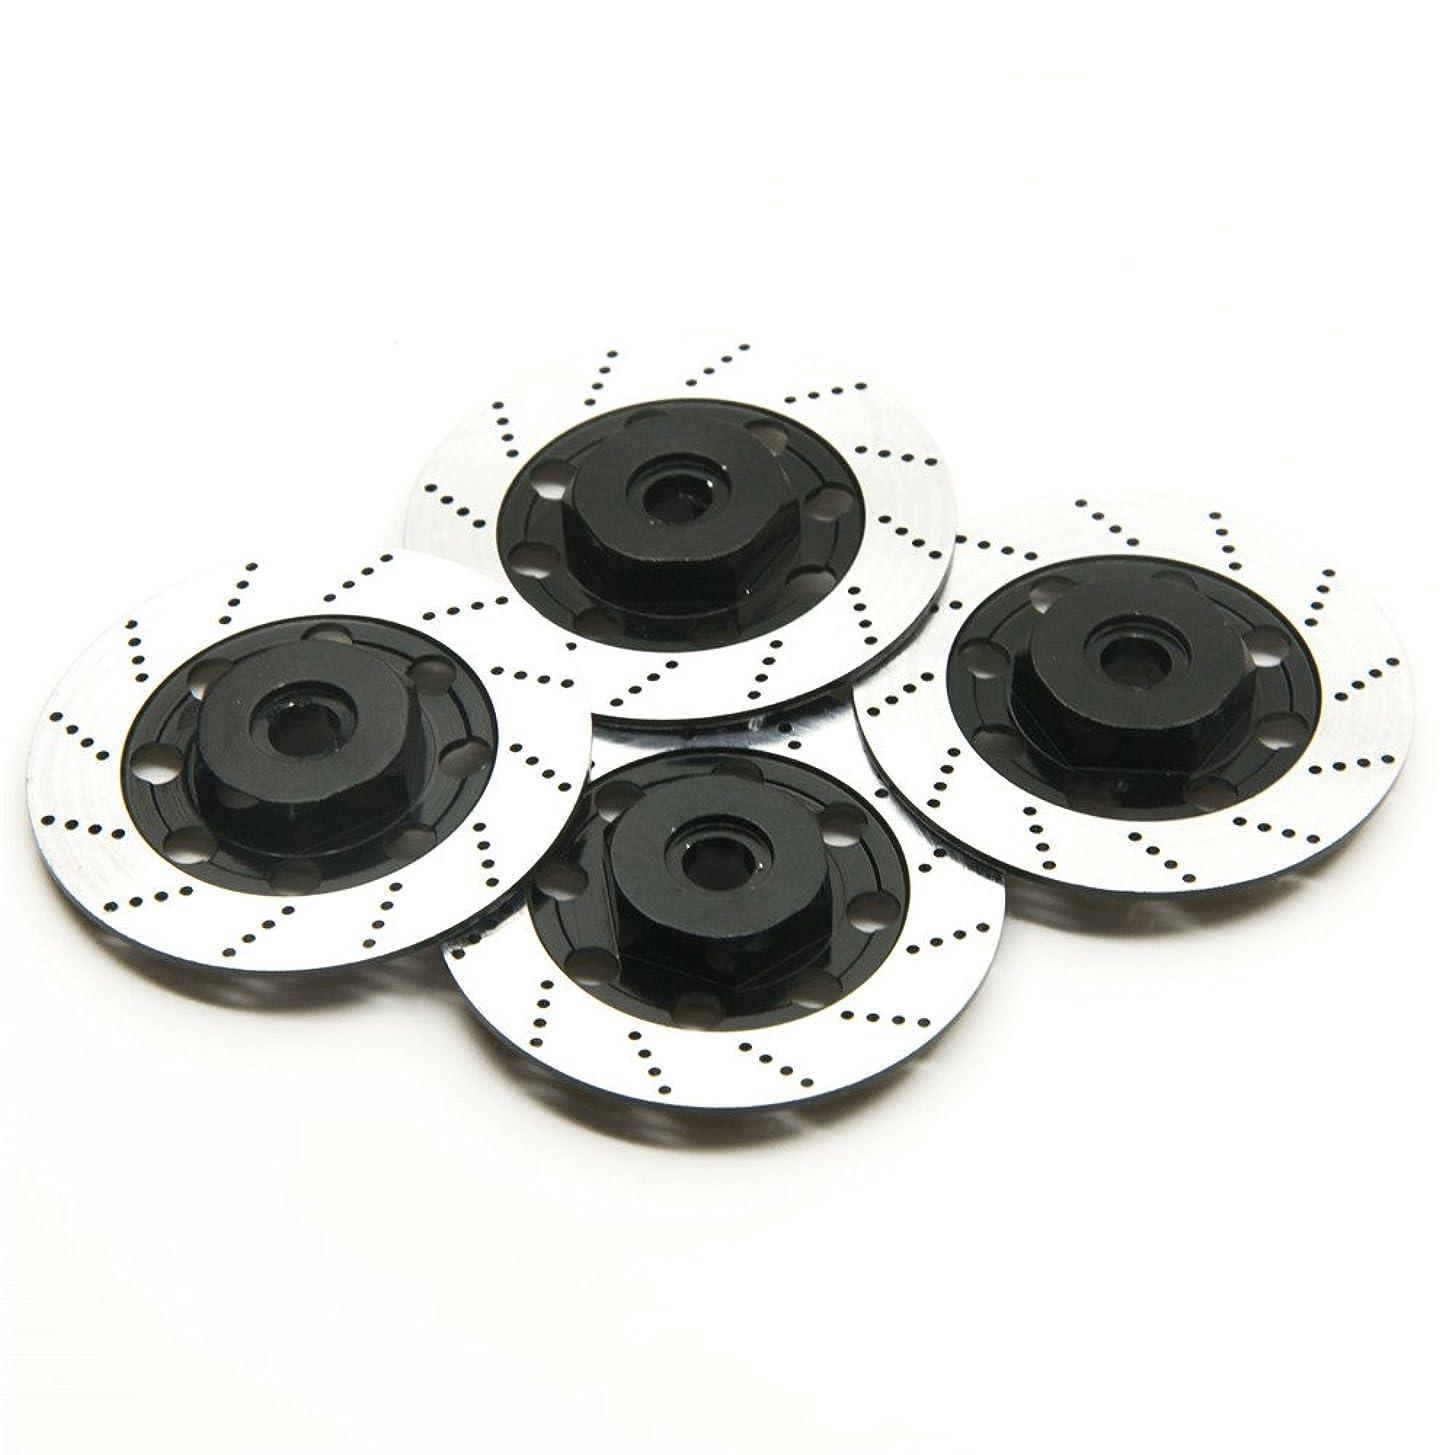 オーストラリアフェンス宝ブレーキディスク ホイールのドレスアップ ローター ディスクブレーキローター (ブラック)